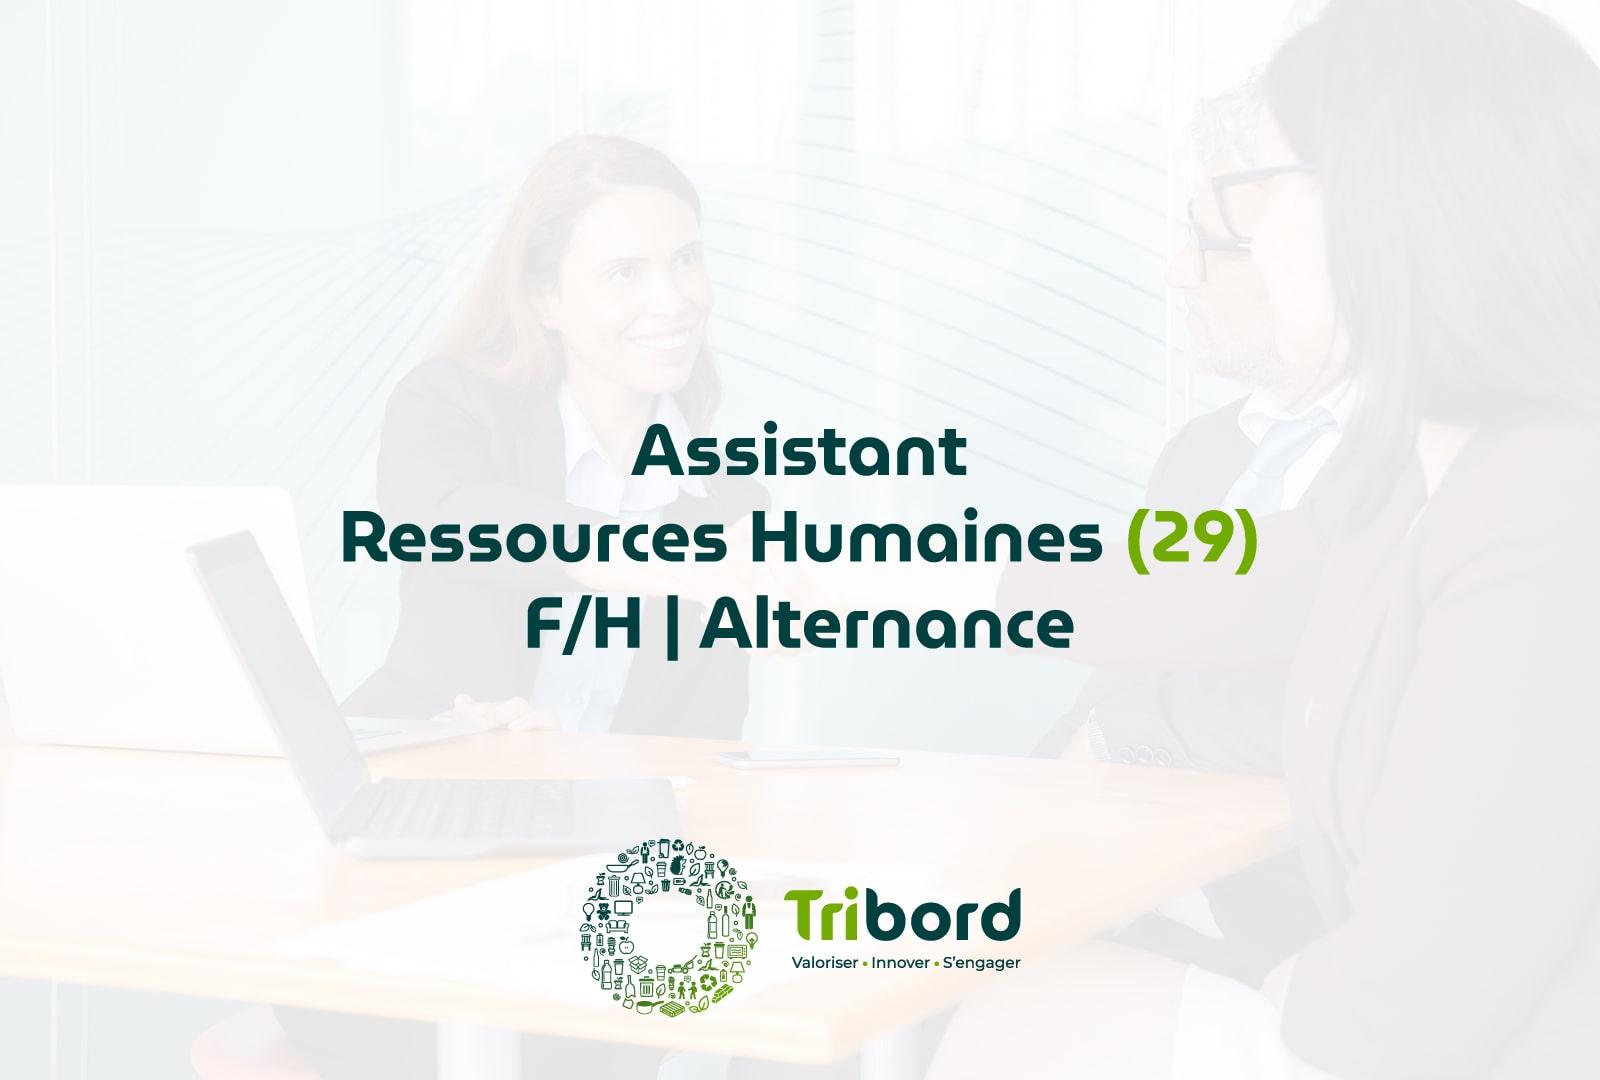 Offre Assistant RH en alternance (29)